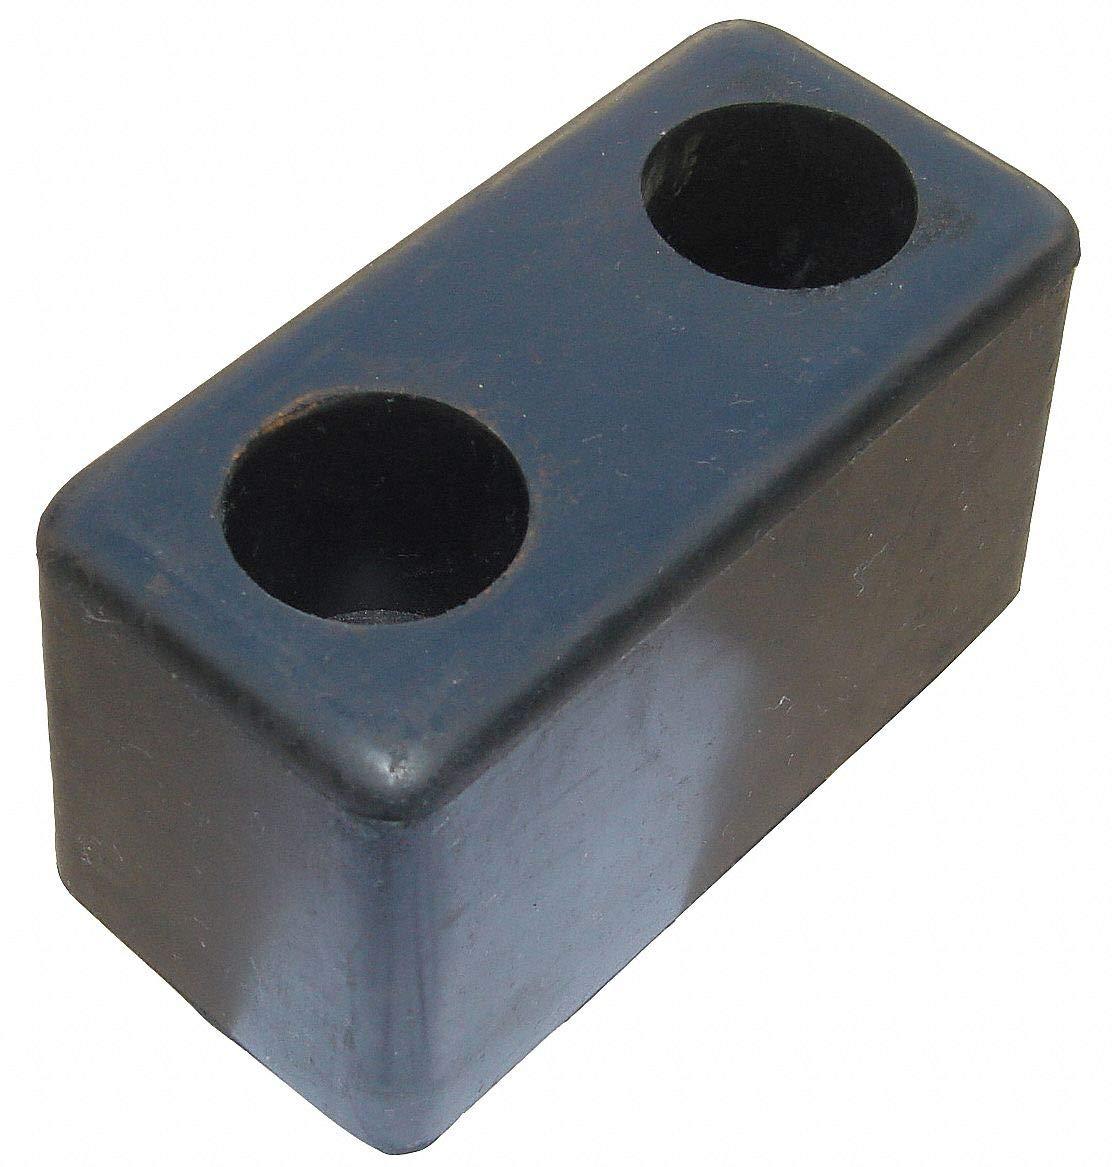 Rectangular Rubber Dock Bumper, 6''H x 3-1/2''W x 3-1/2''D pack of 5